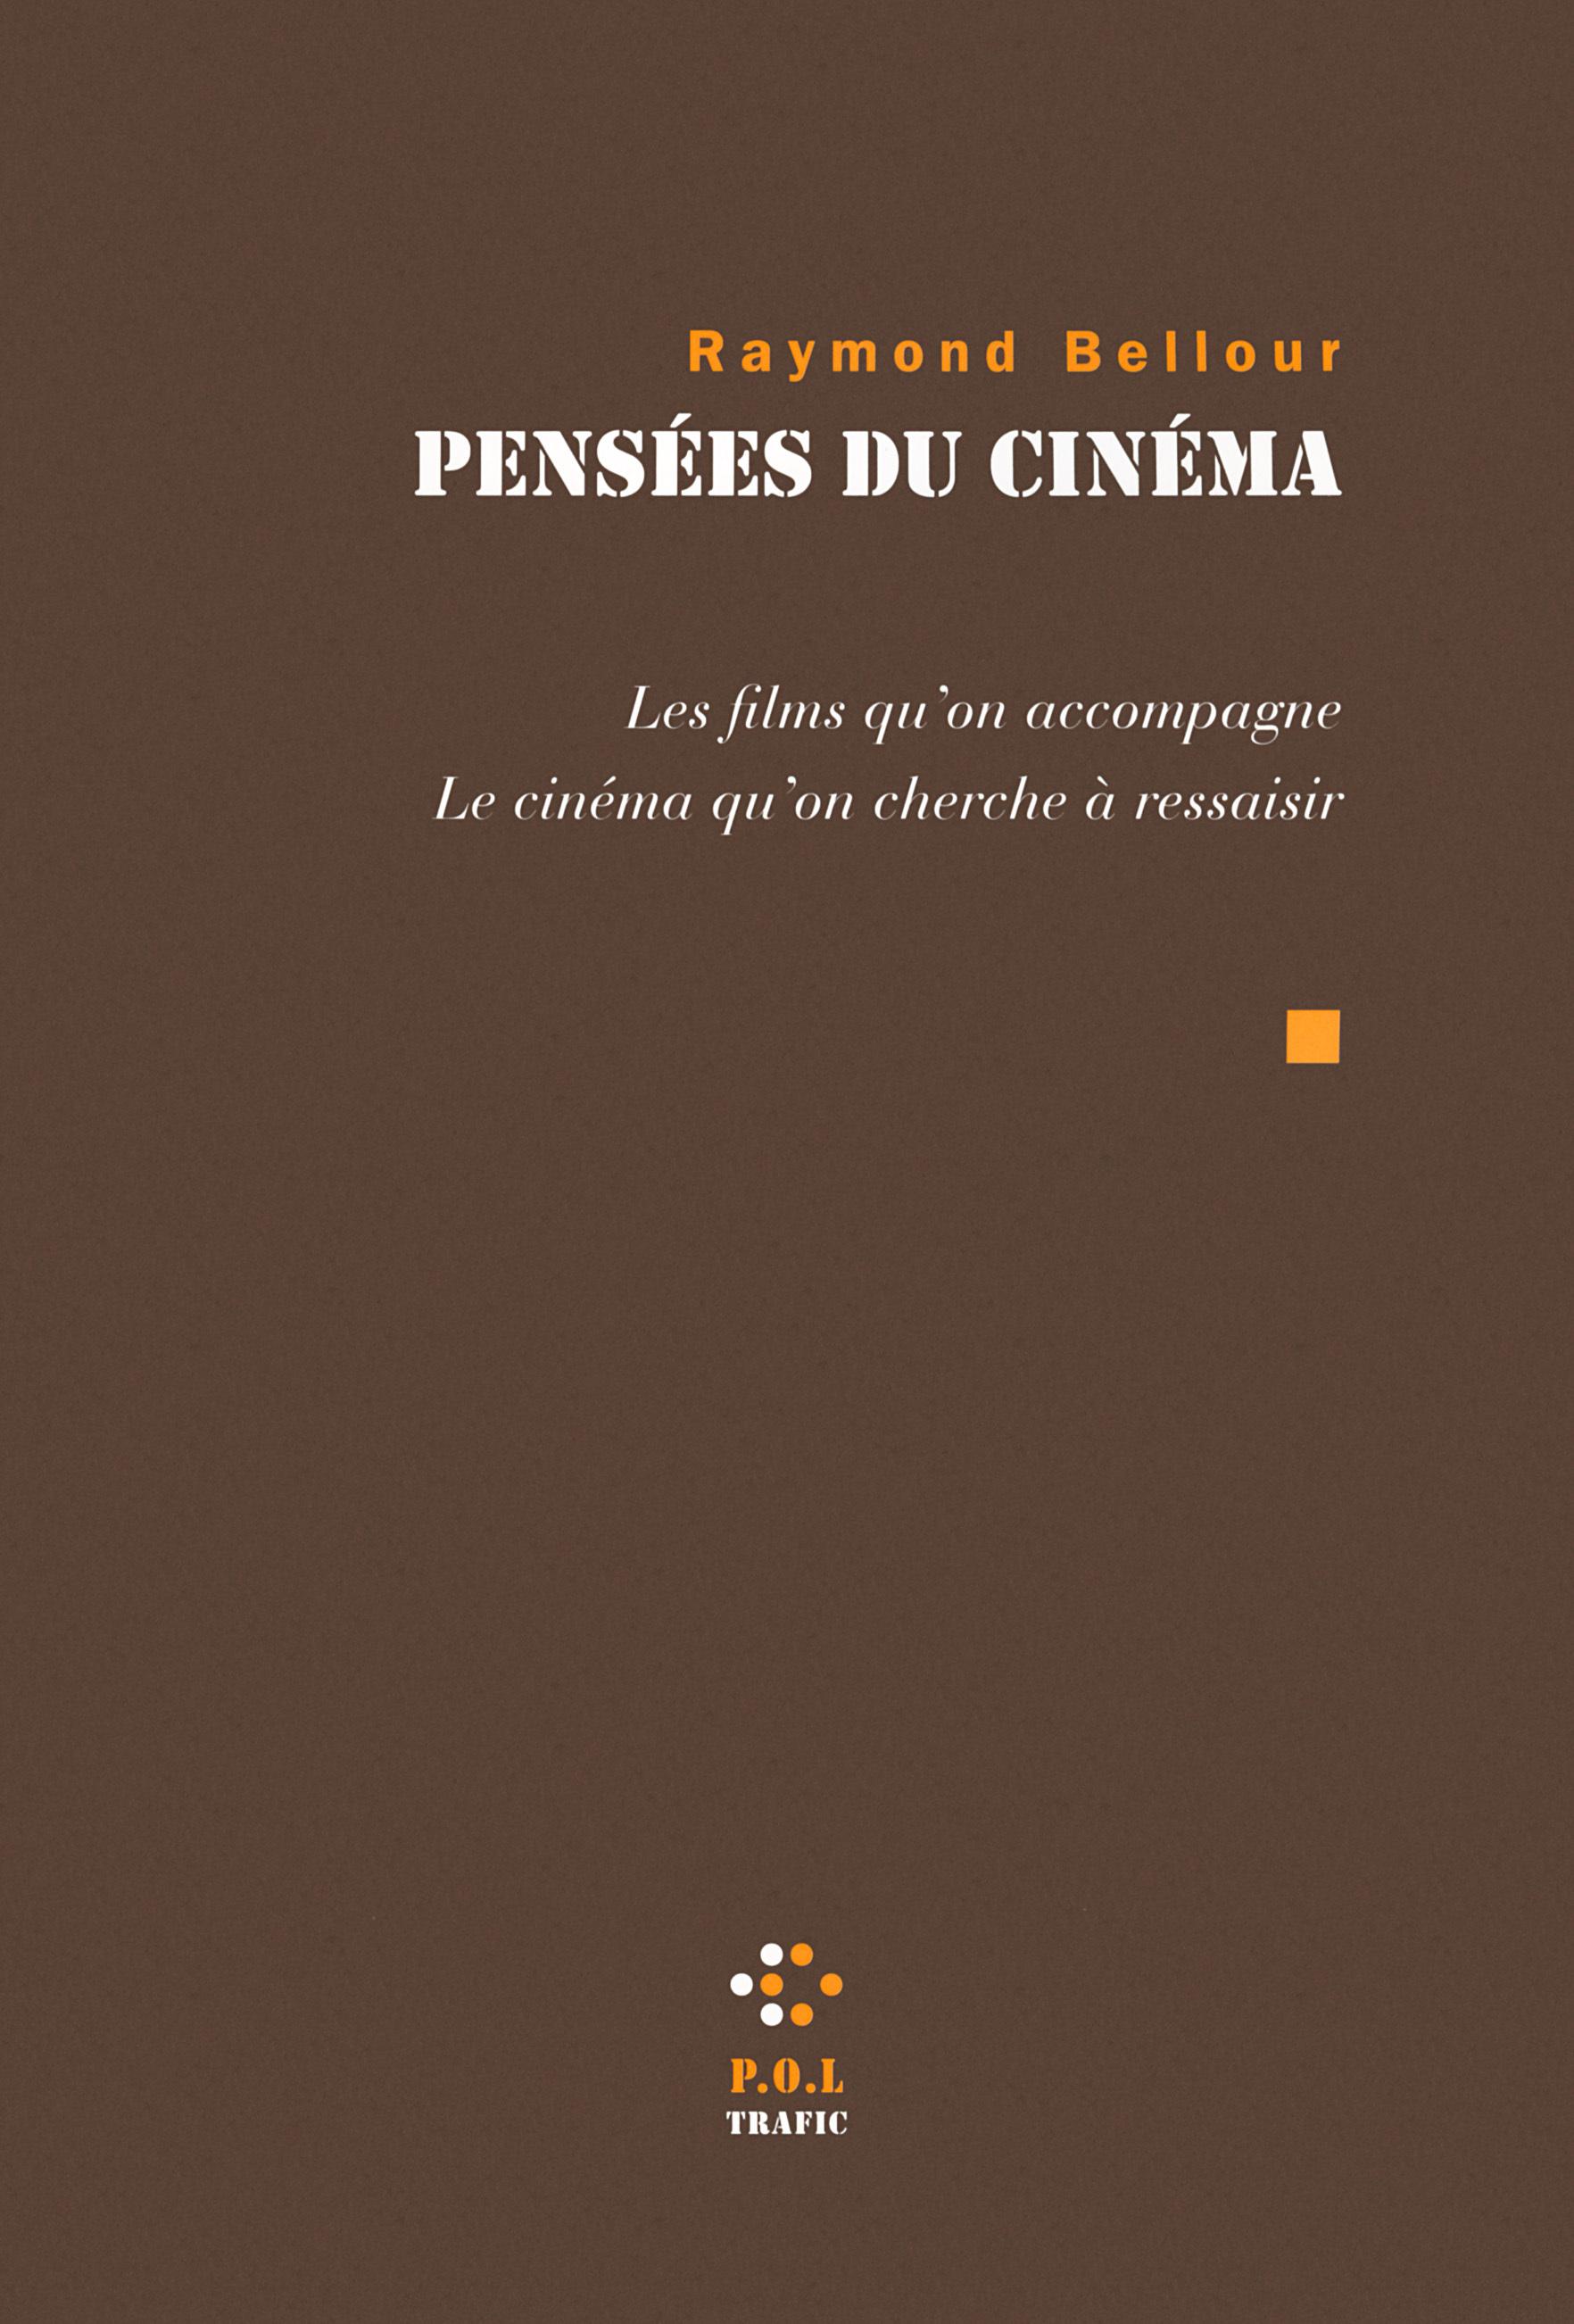 PENSEES DU CINEMA - LES FILMS QU'ON ACCOMPAGNE. LE CINEMA QU'ON CHERCHE A RESSAISIR